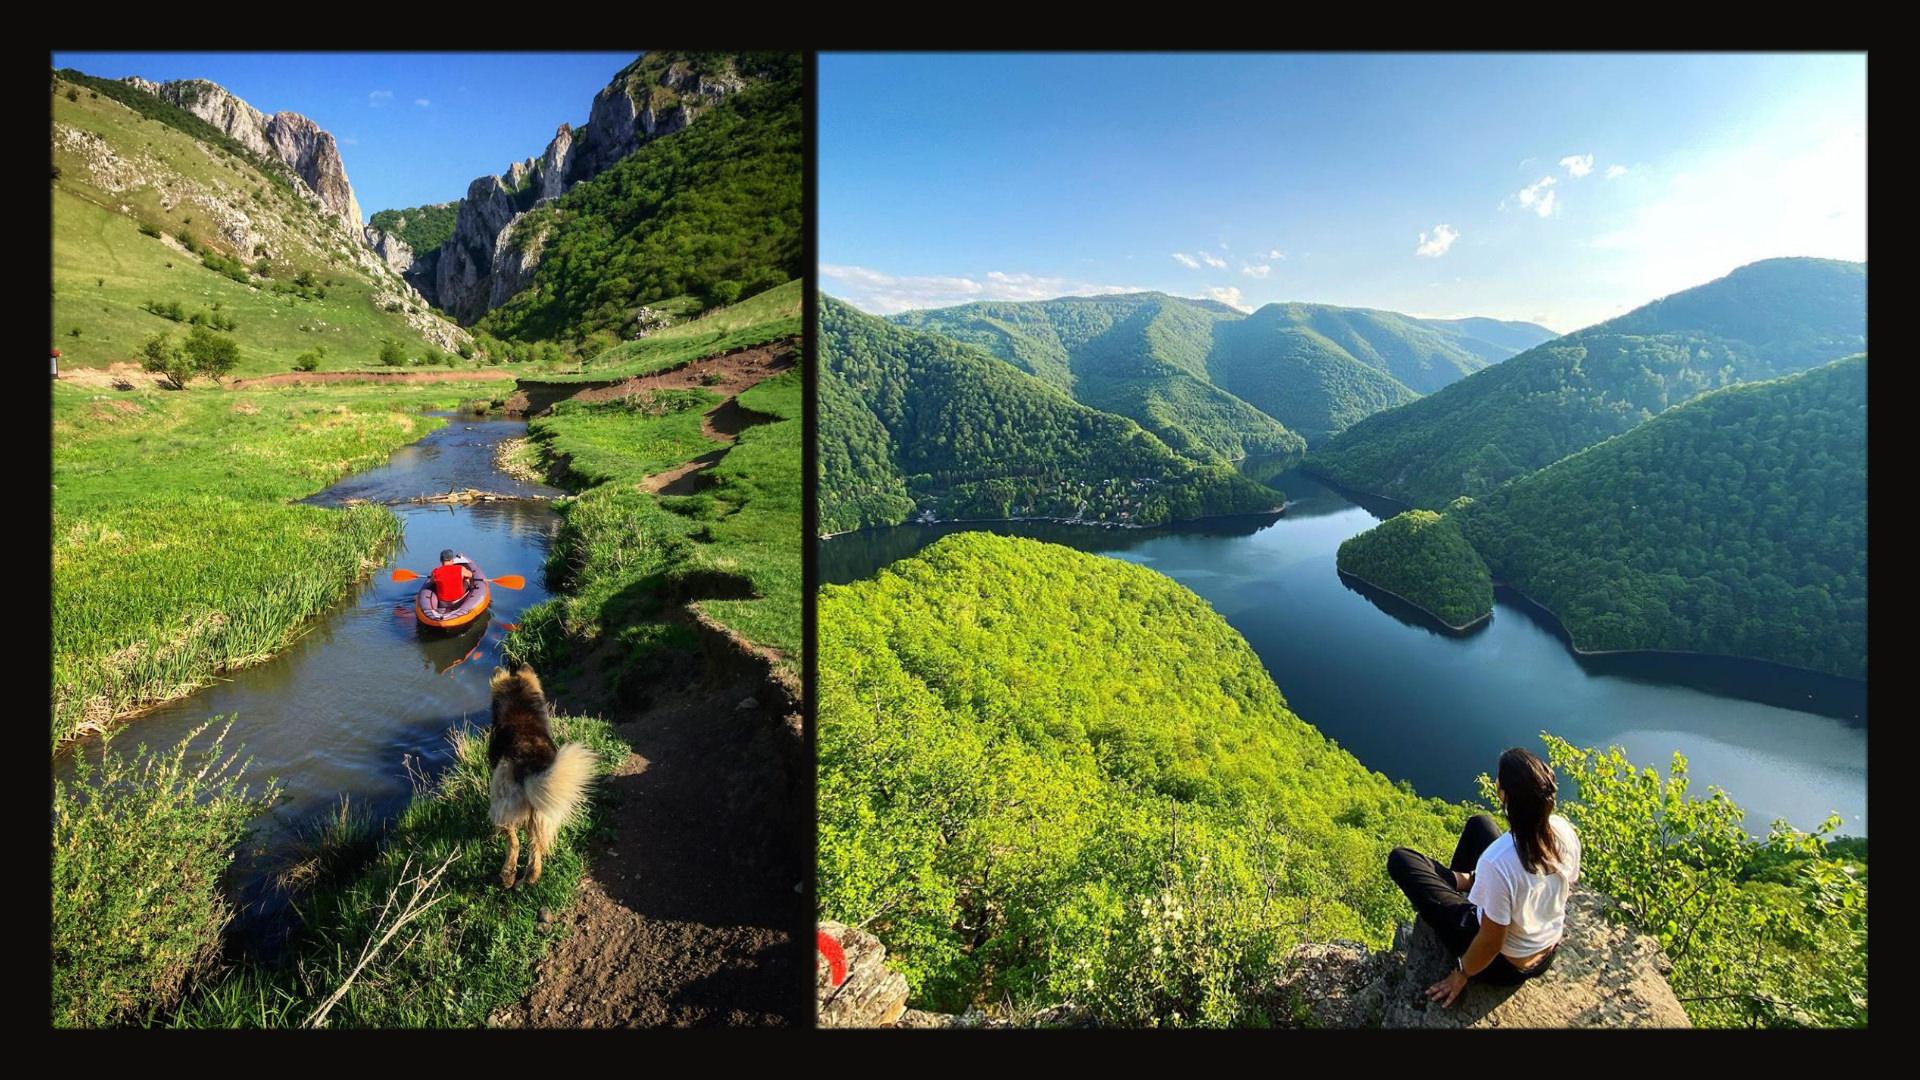 Destinații pentru excursii de o zi aproape de Cluj: chei, lacuri, cascade, castele și cetăți